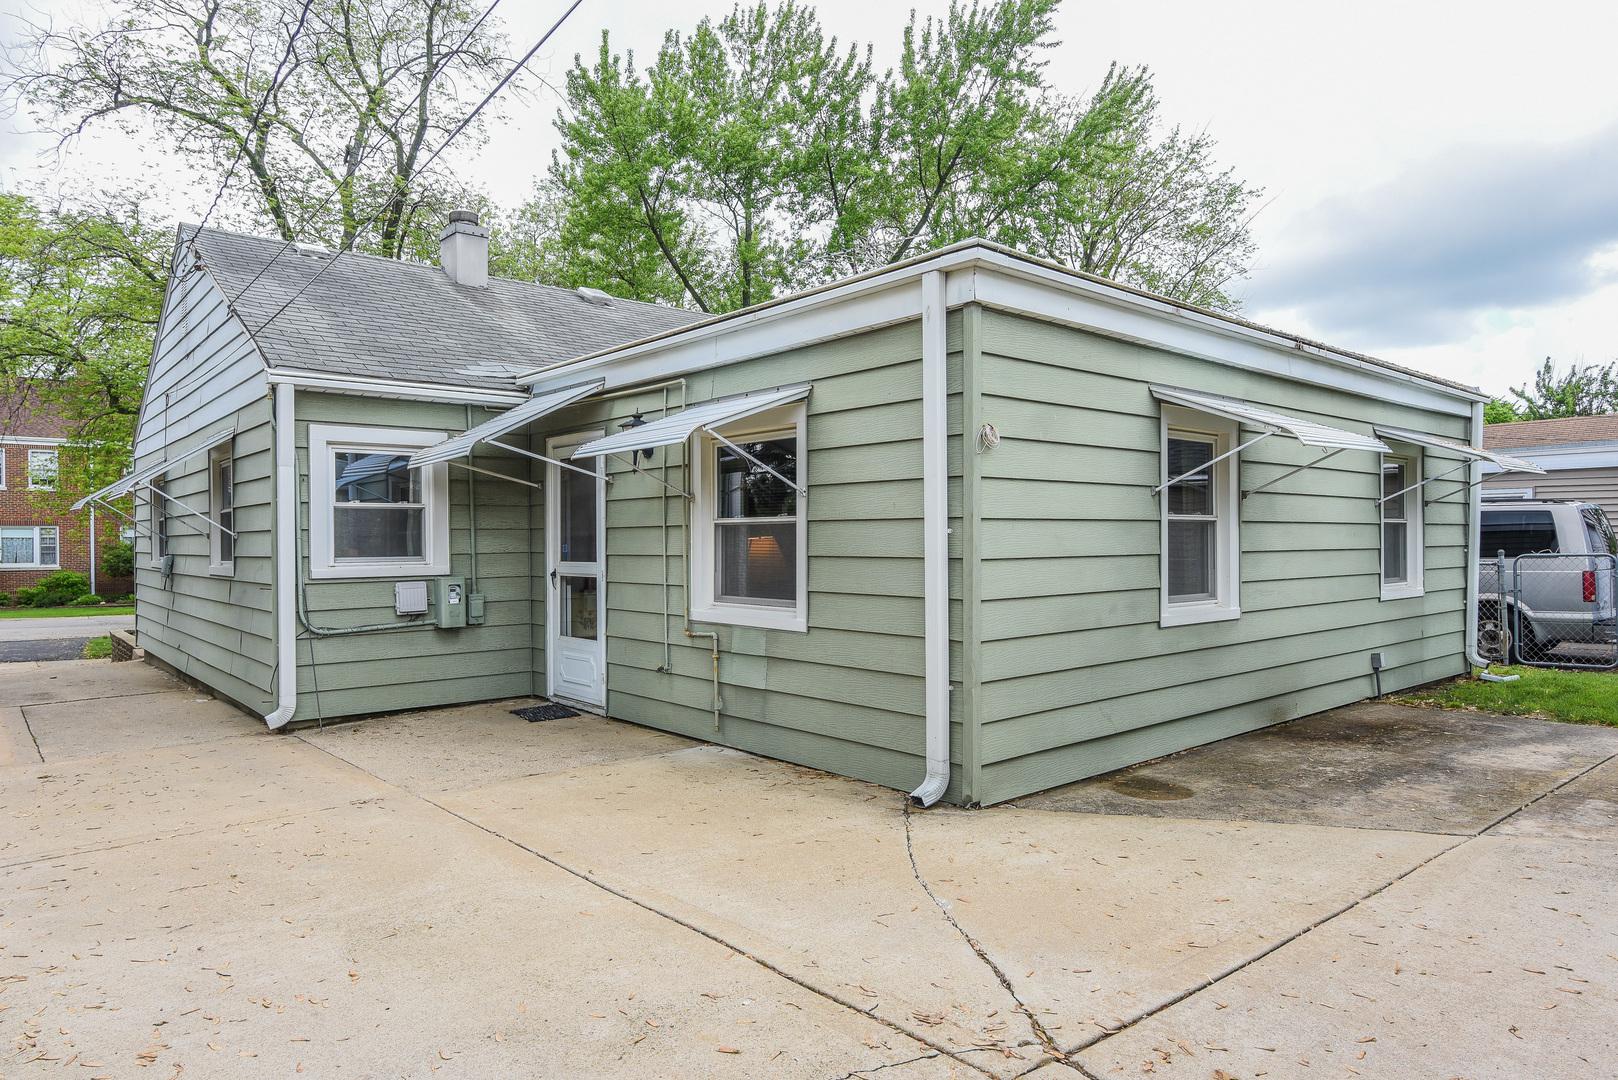 257 Vermont, AURORA, Illinois, 60505